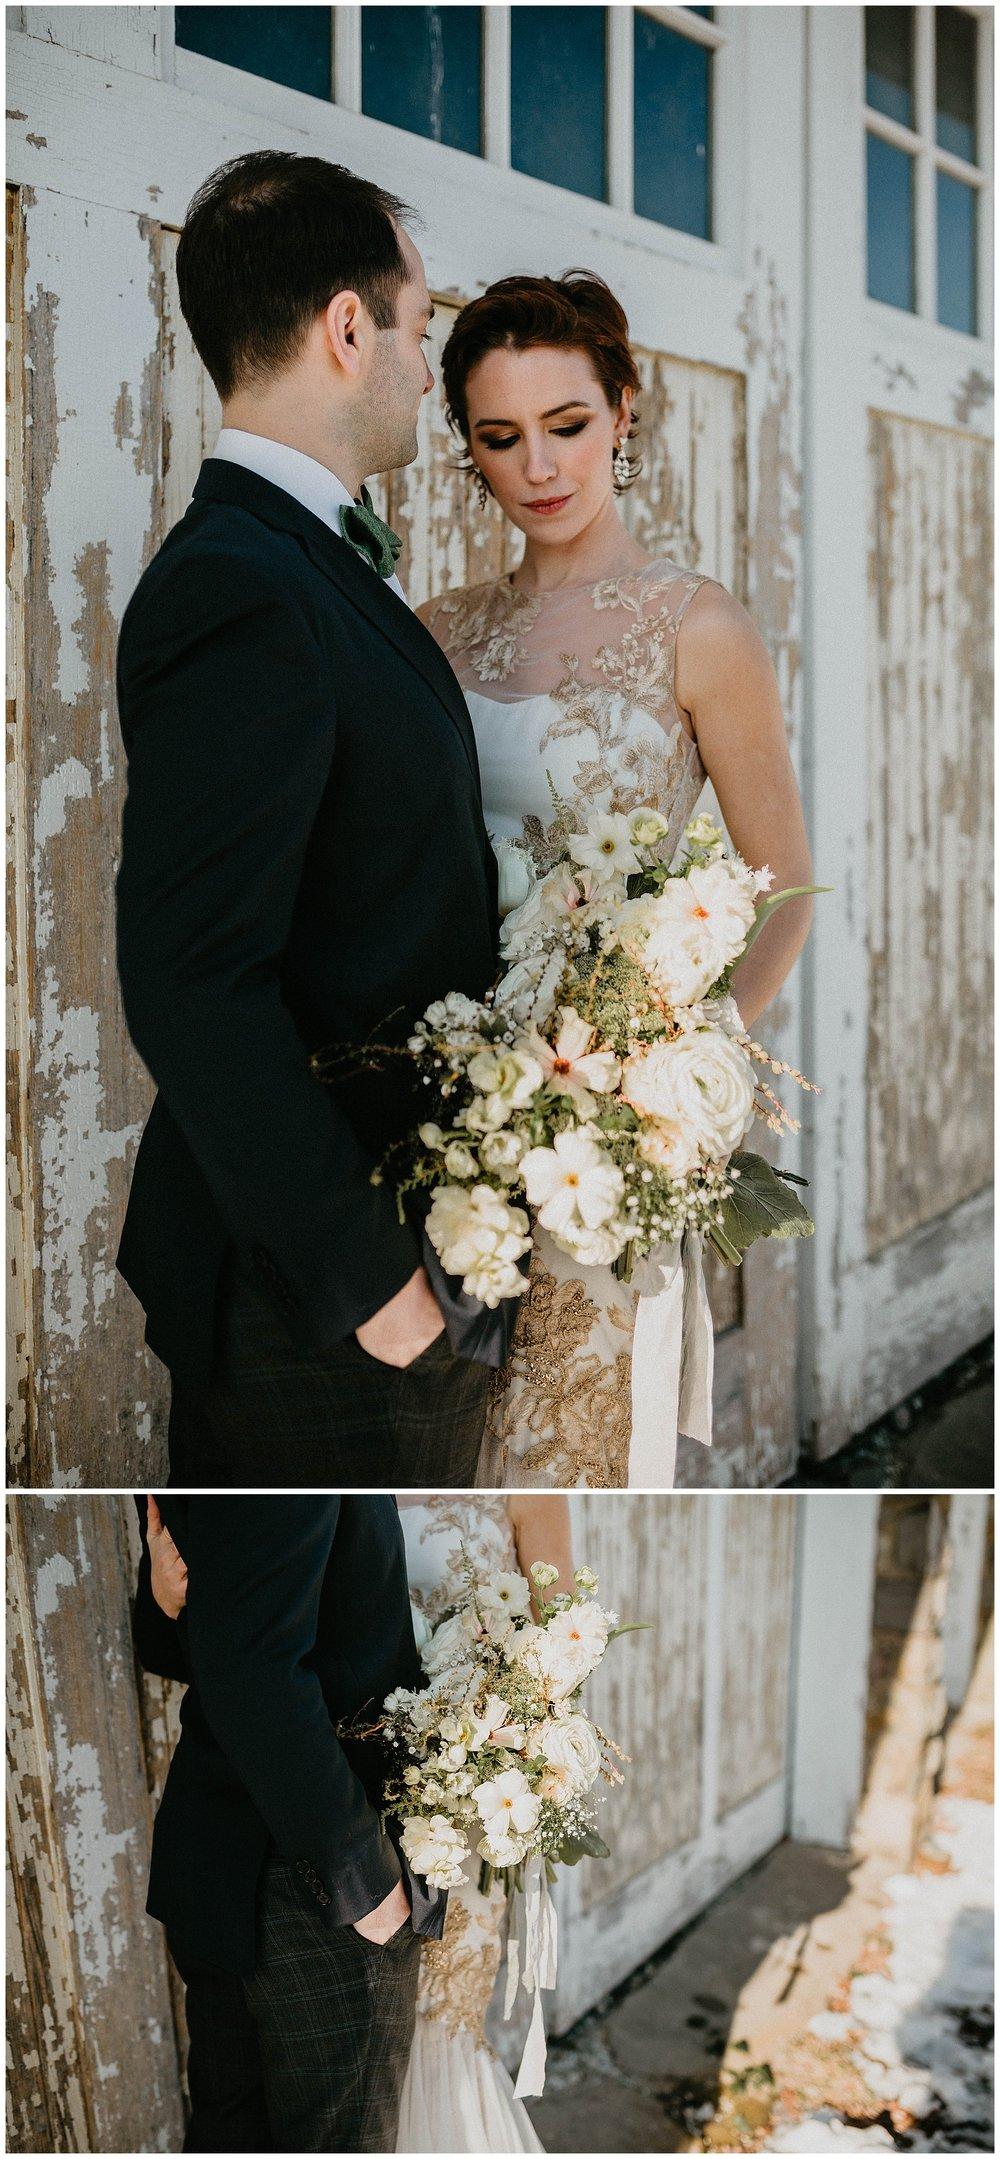 Pocono Winter Wedding with Bride and Groom_0172.jpg